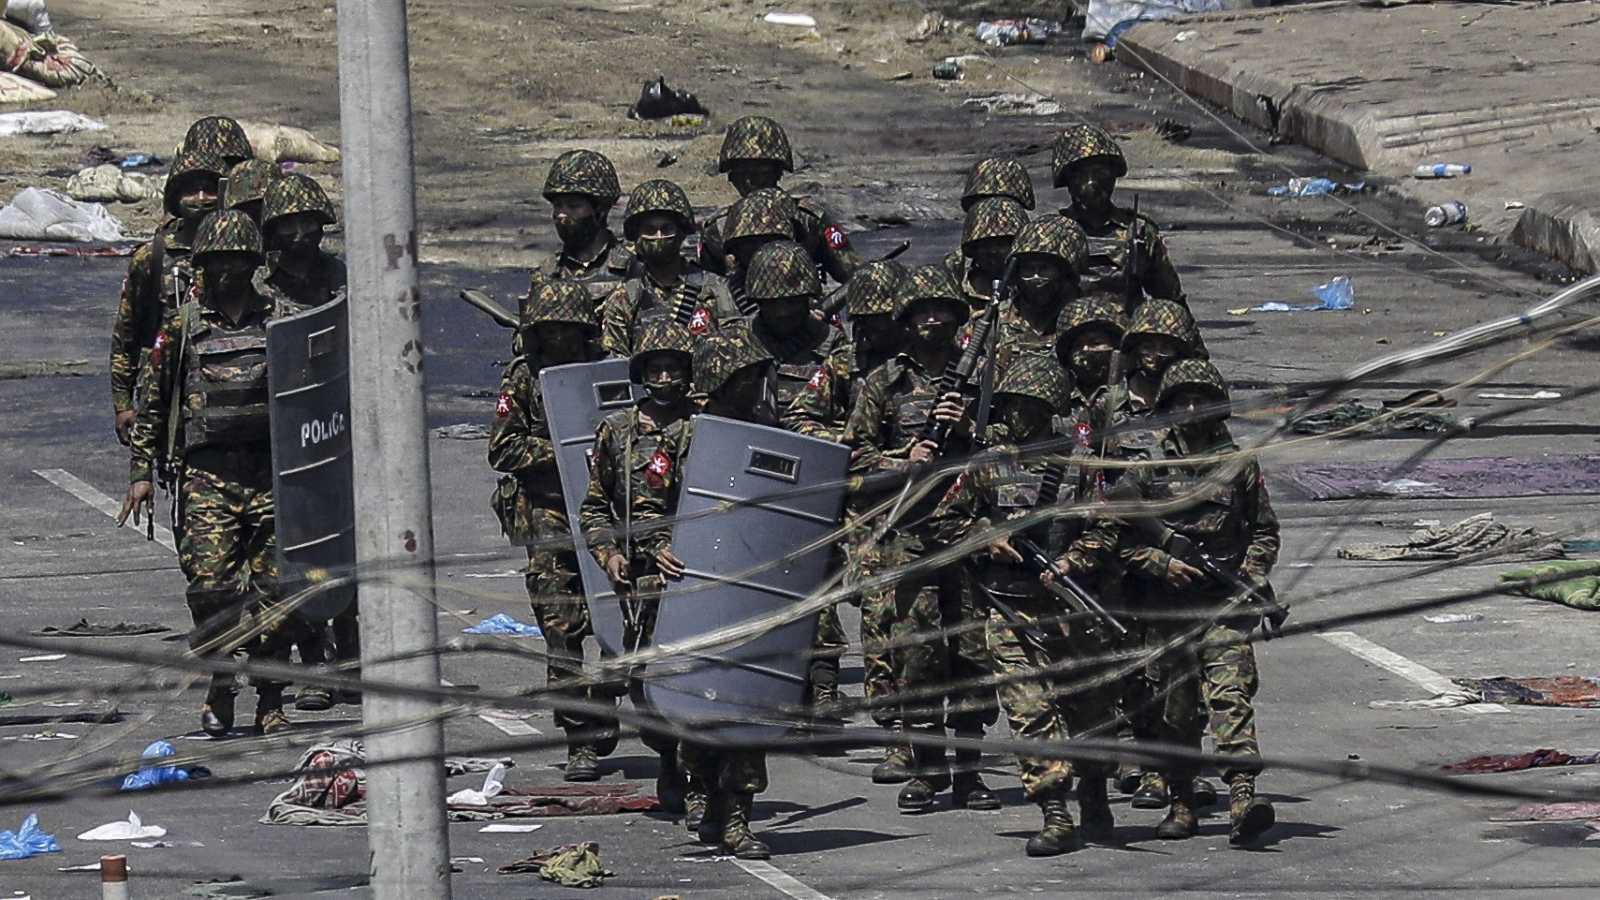 Asia hoy - El mundo democrático condena la represión en Birmania - 04/03/21 - ecuchar ahora